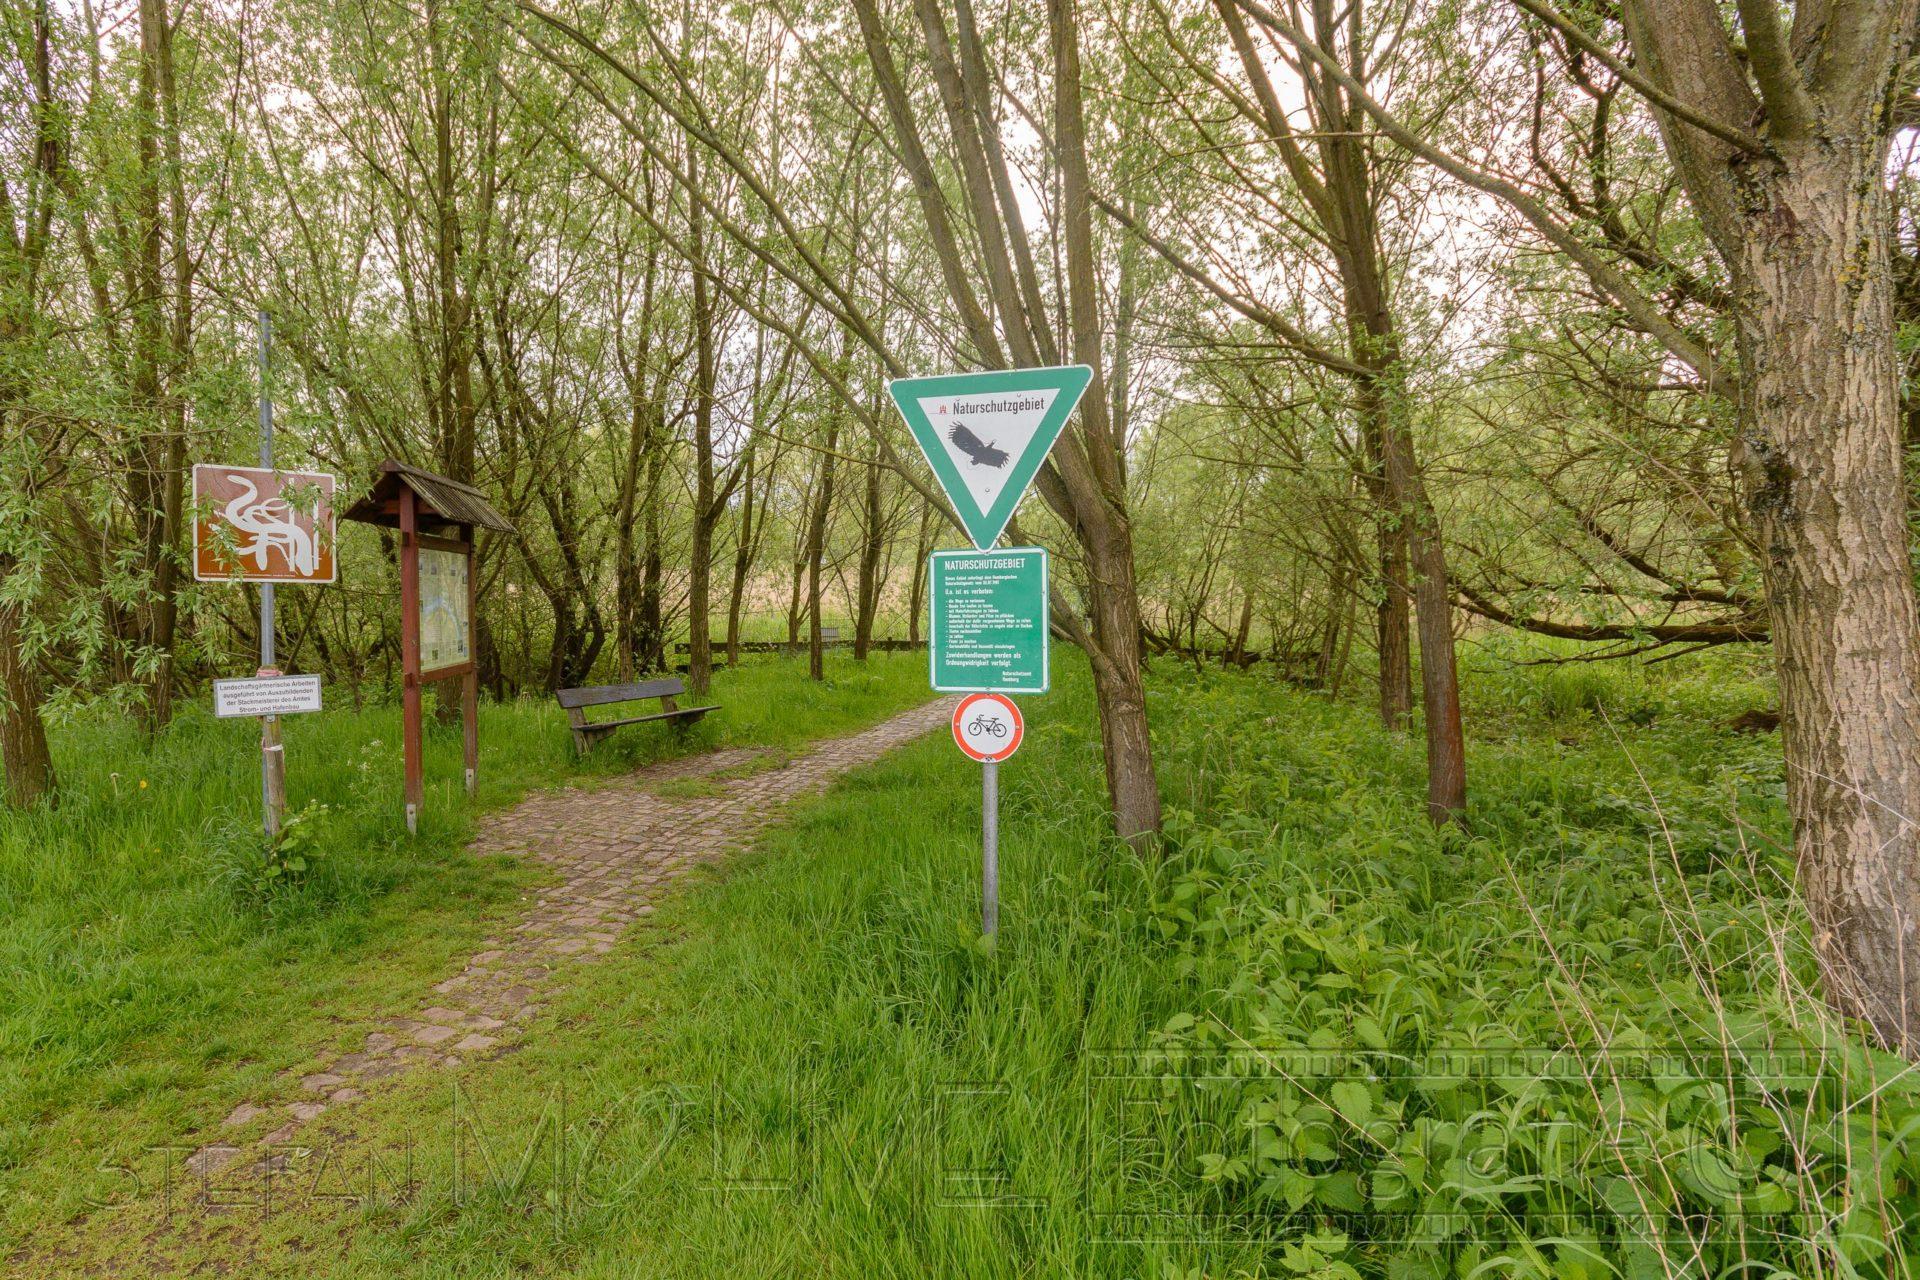 Naturschutzgebiet Heuckenlock, Hamburg Moorwerder.